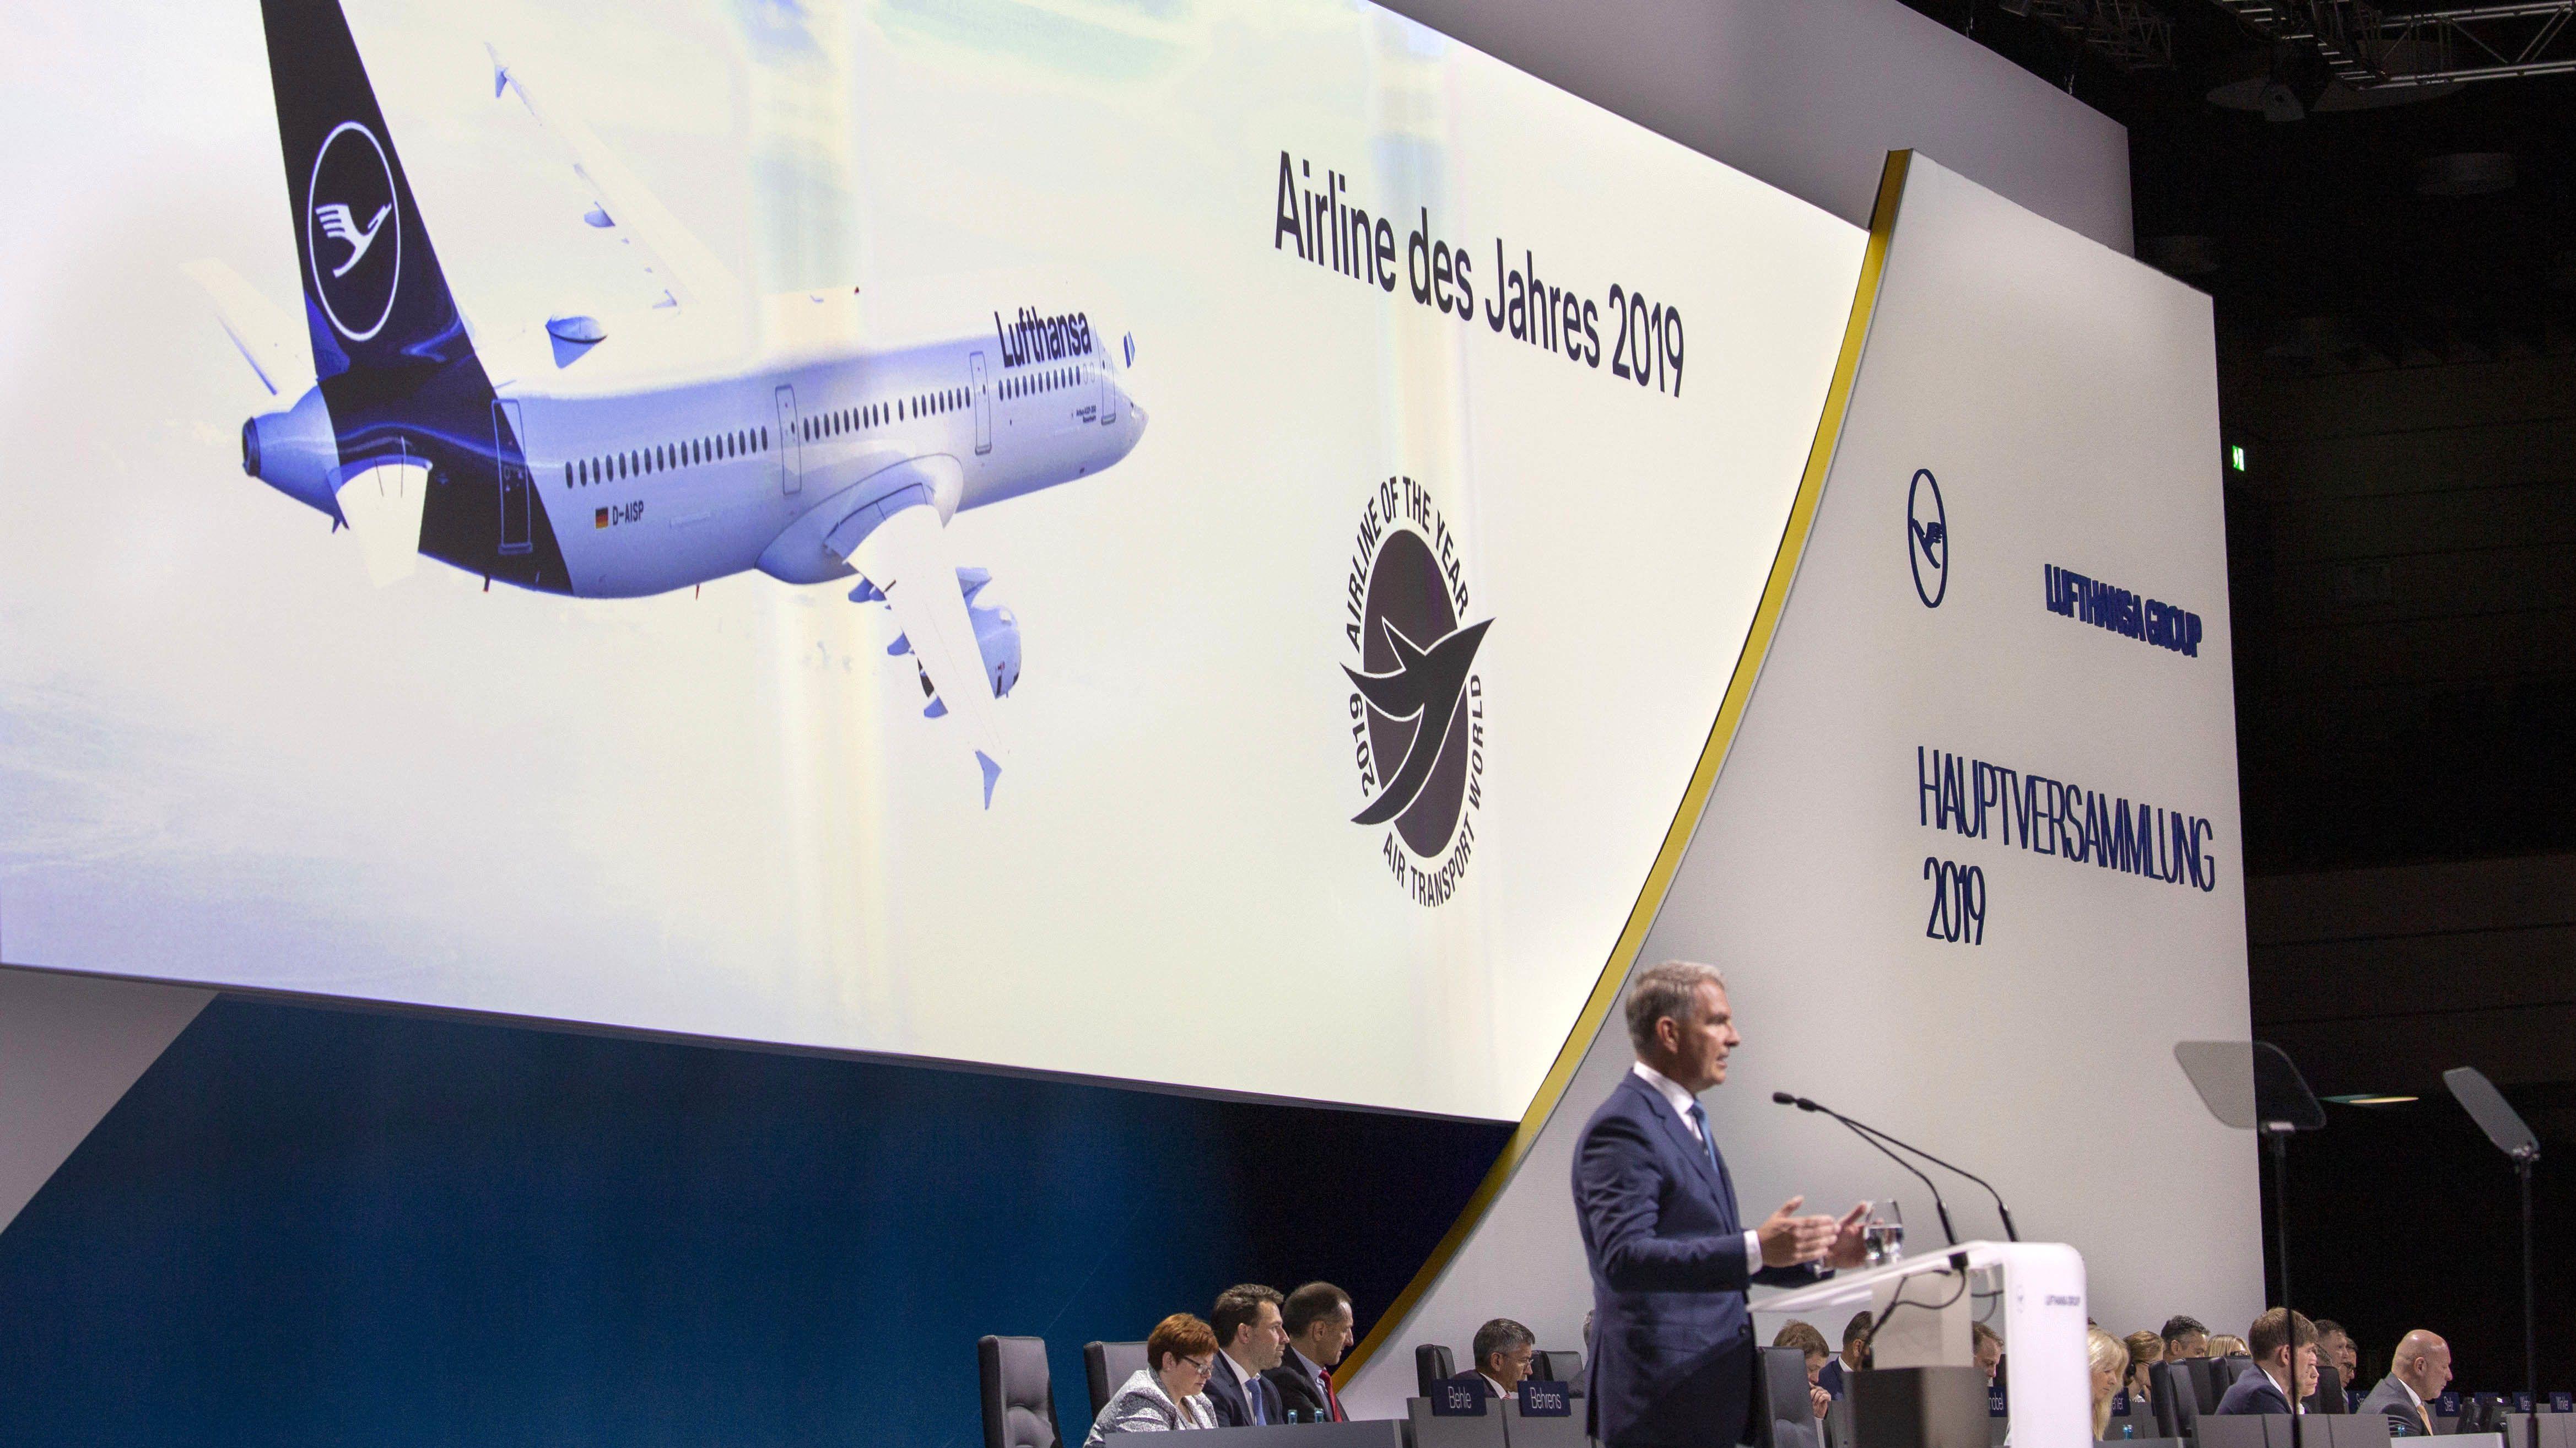 Carsten Spohr, Vorstandsvorsitzender der Lufthansa Group, bei der Hauptversammlung des Unternehmen